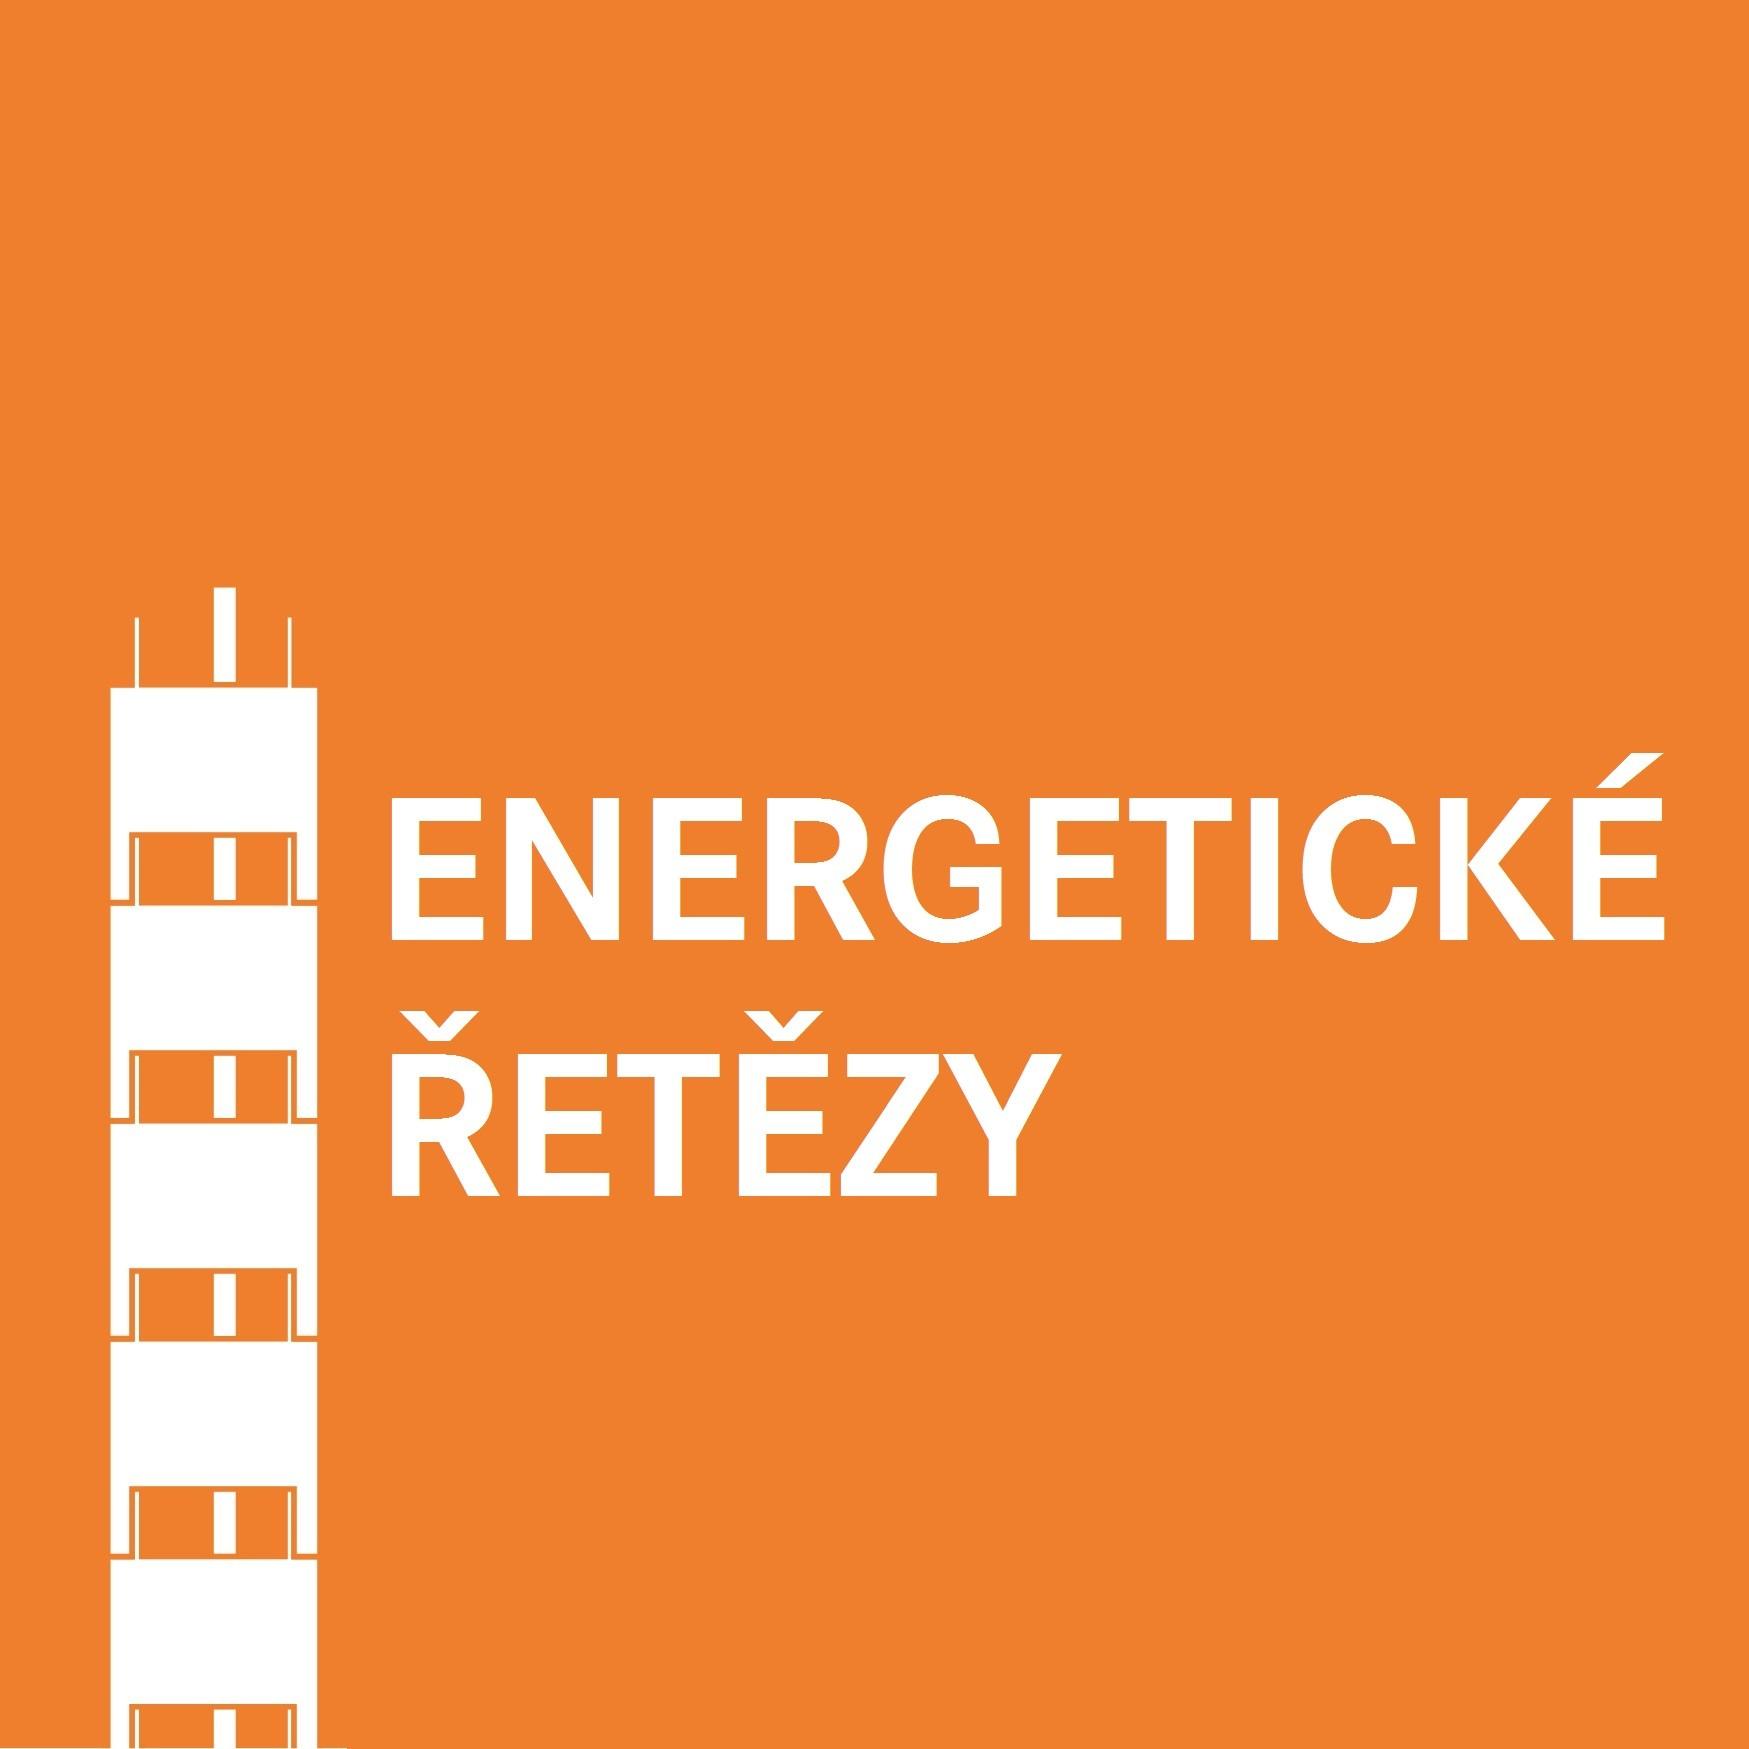 Energeticke retezy